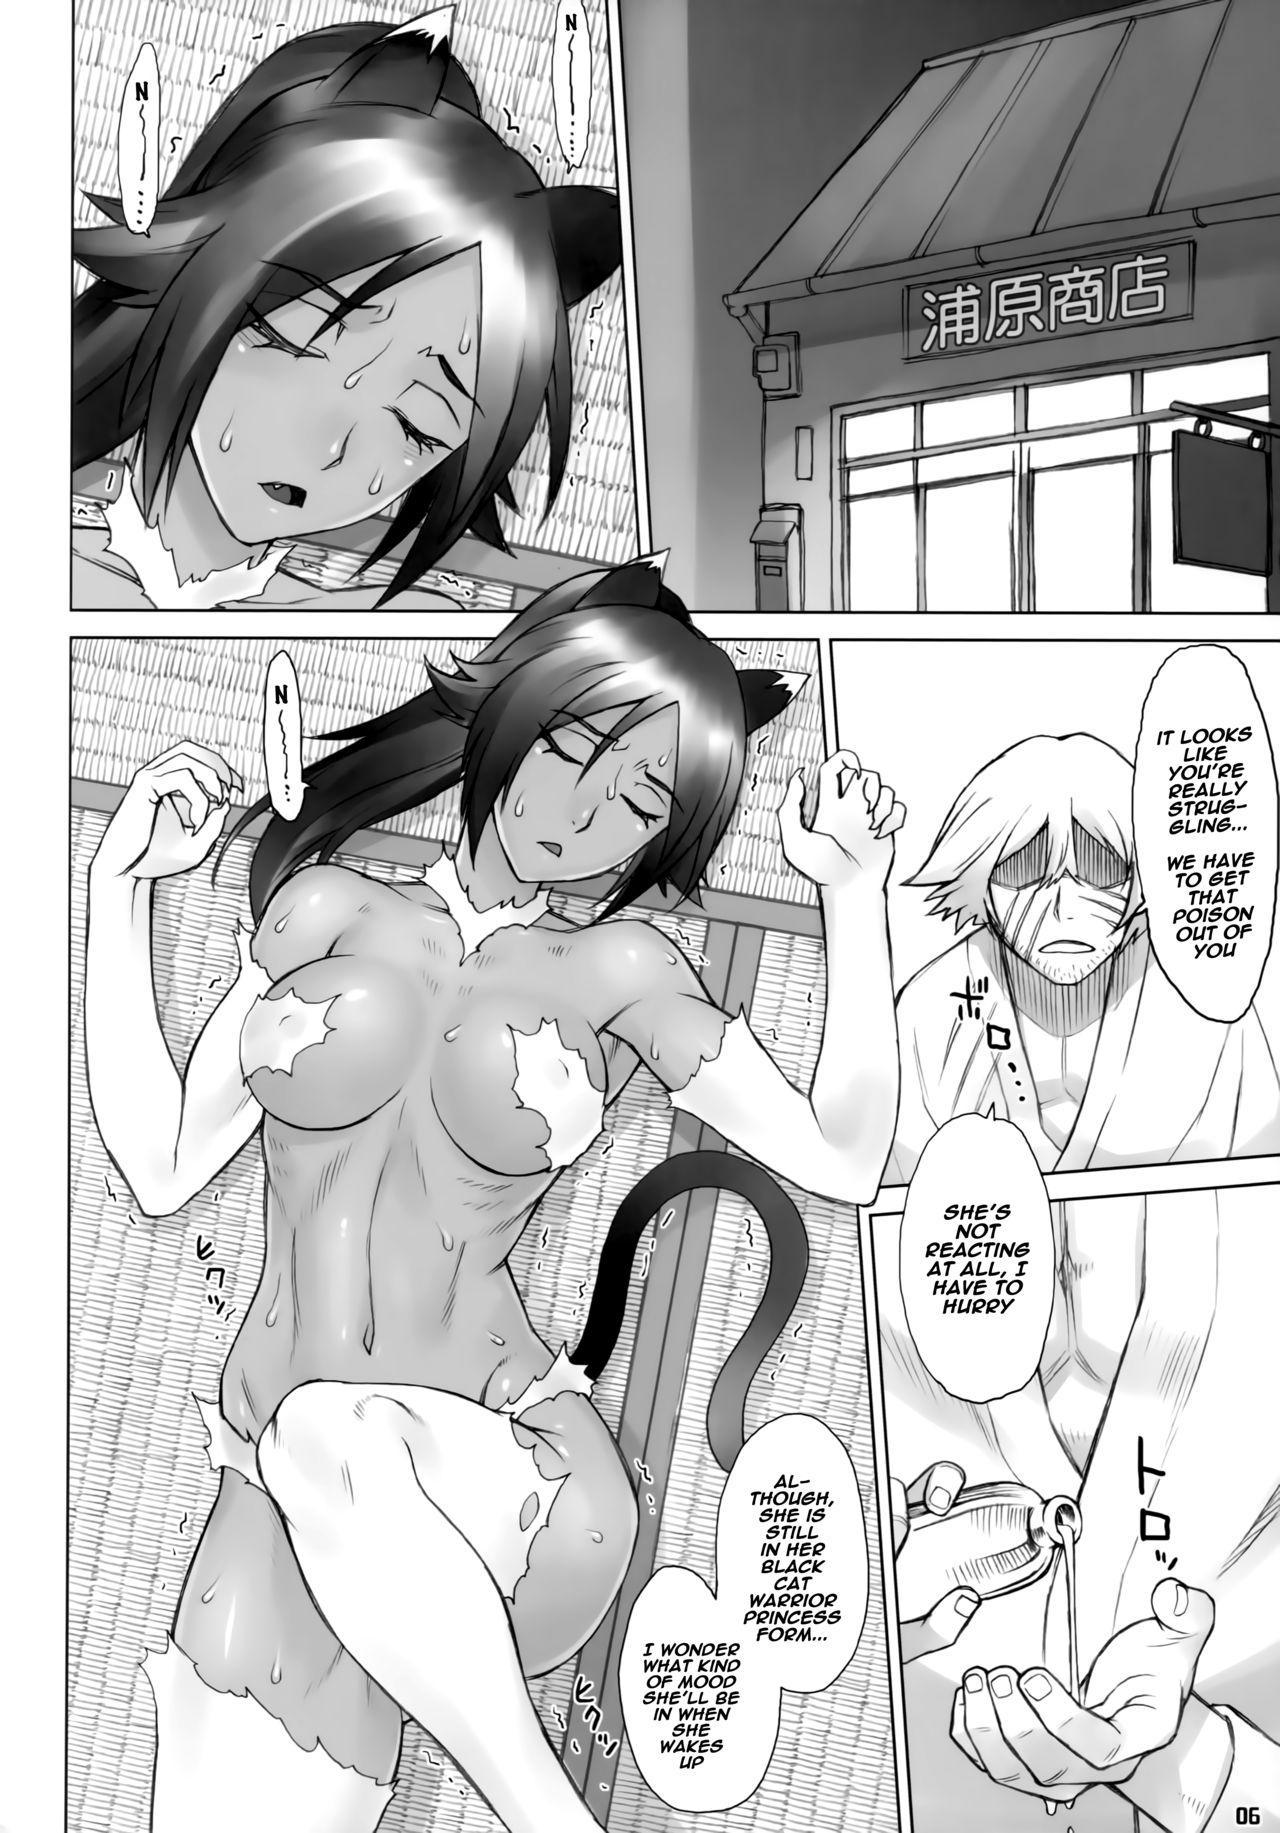 Yoruneko-san no Shunkou Raijuu Ikaryaku 4